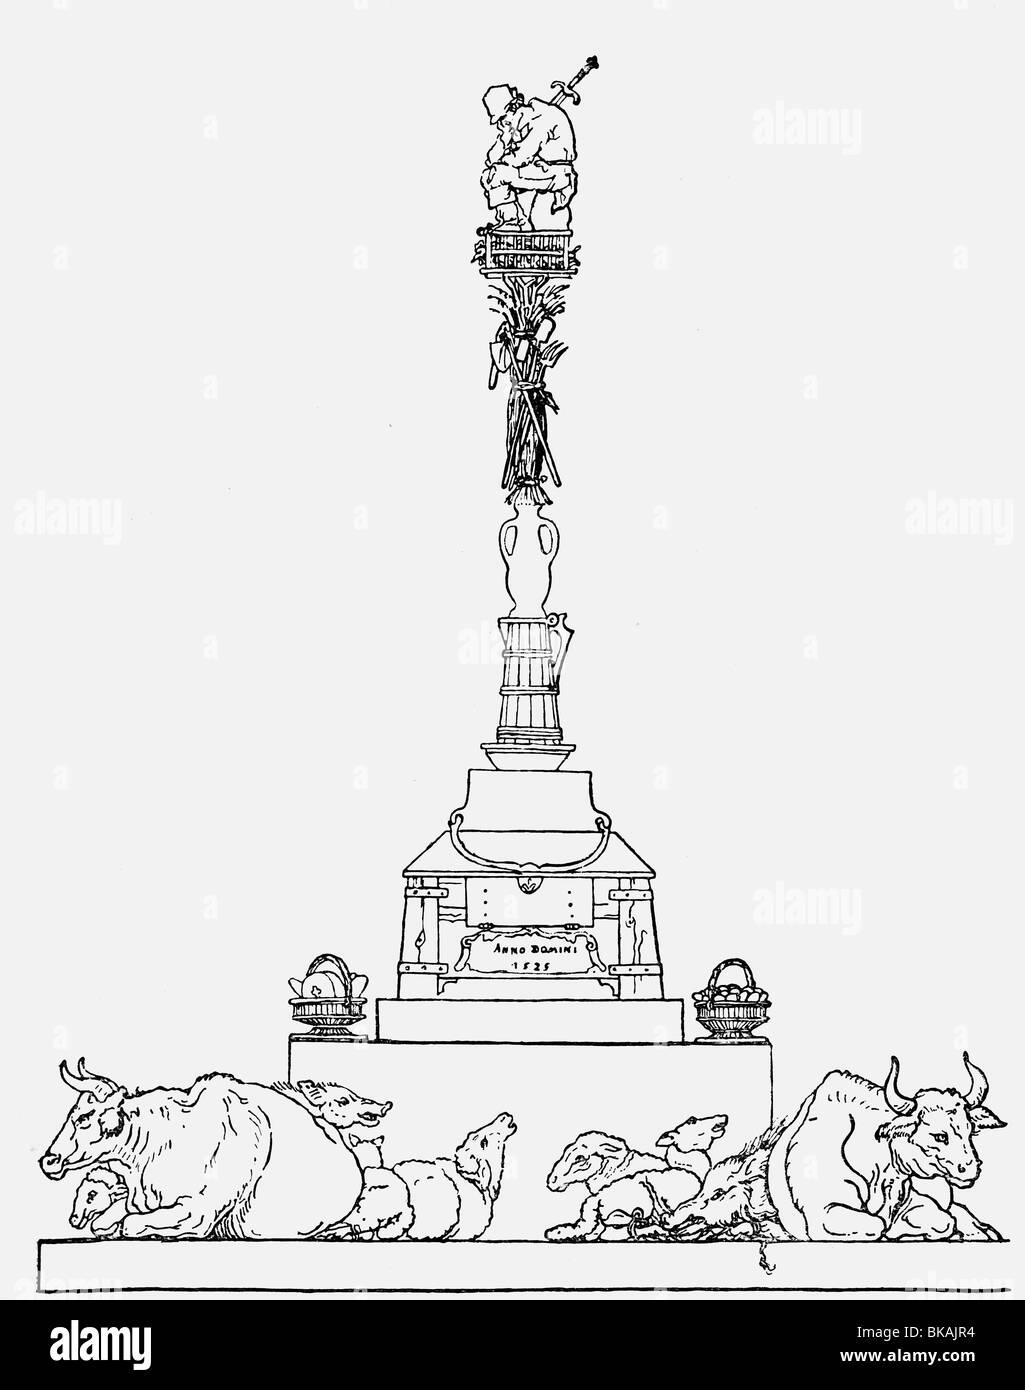 Veranstaltungen, Deutscher Bauernkrieg 1524 - 1526, Konzept für eine Spalte zum Gedenken an die Niederlage Stockbild